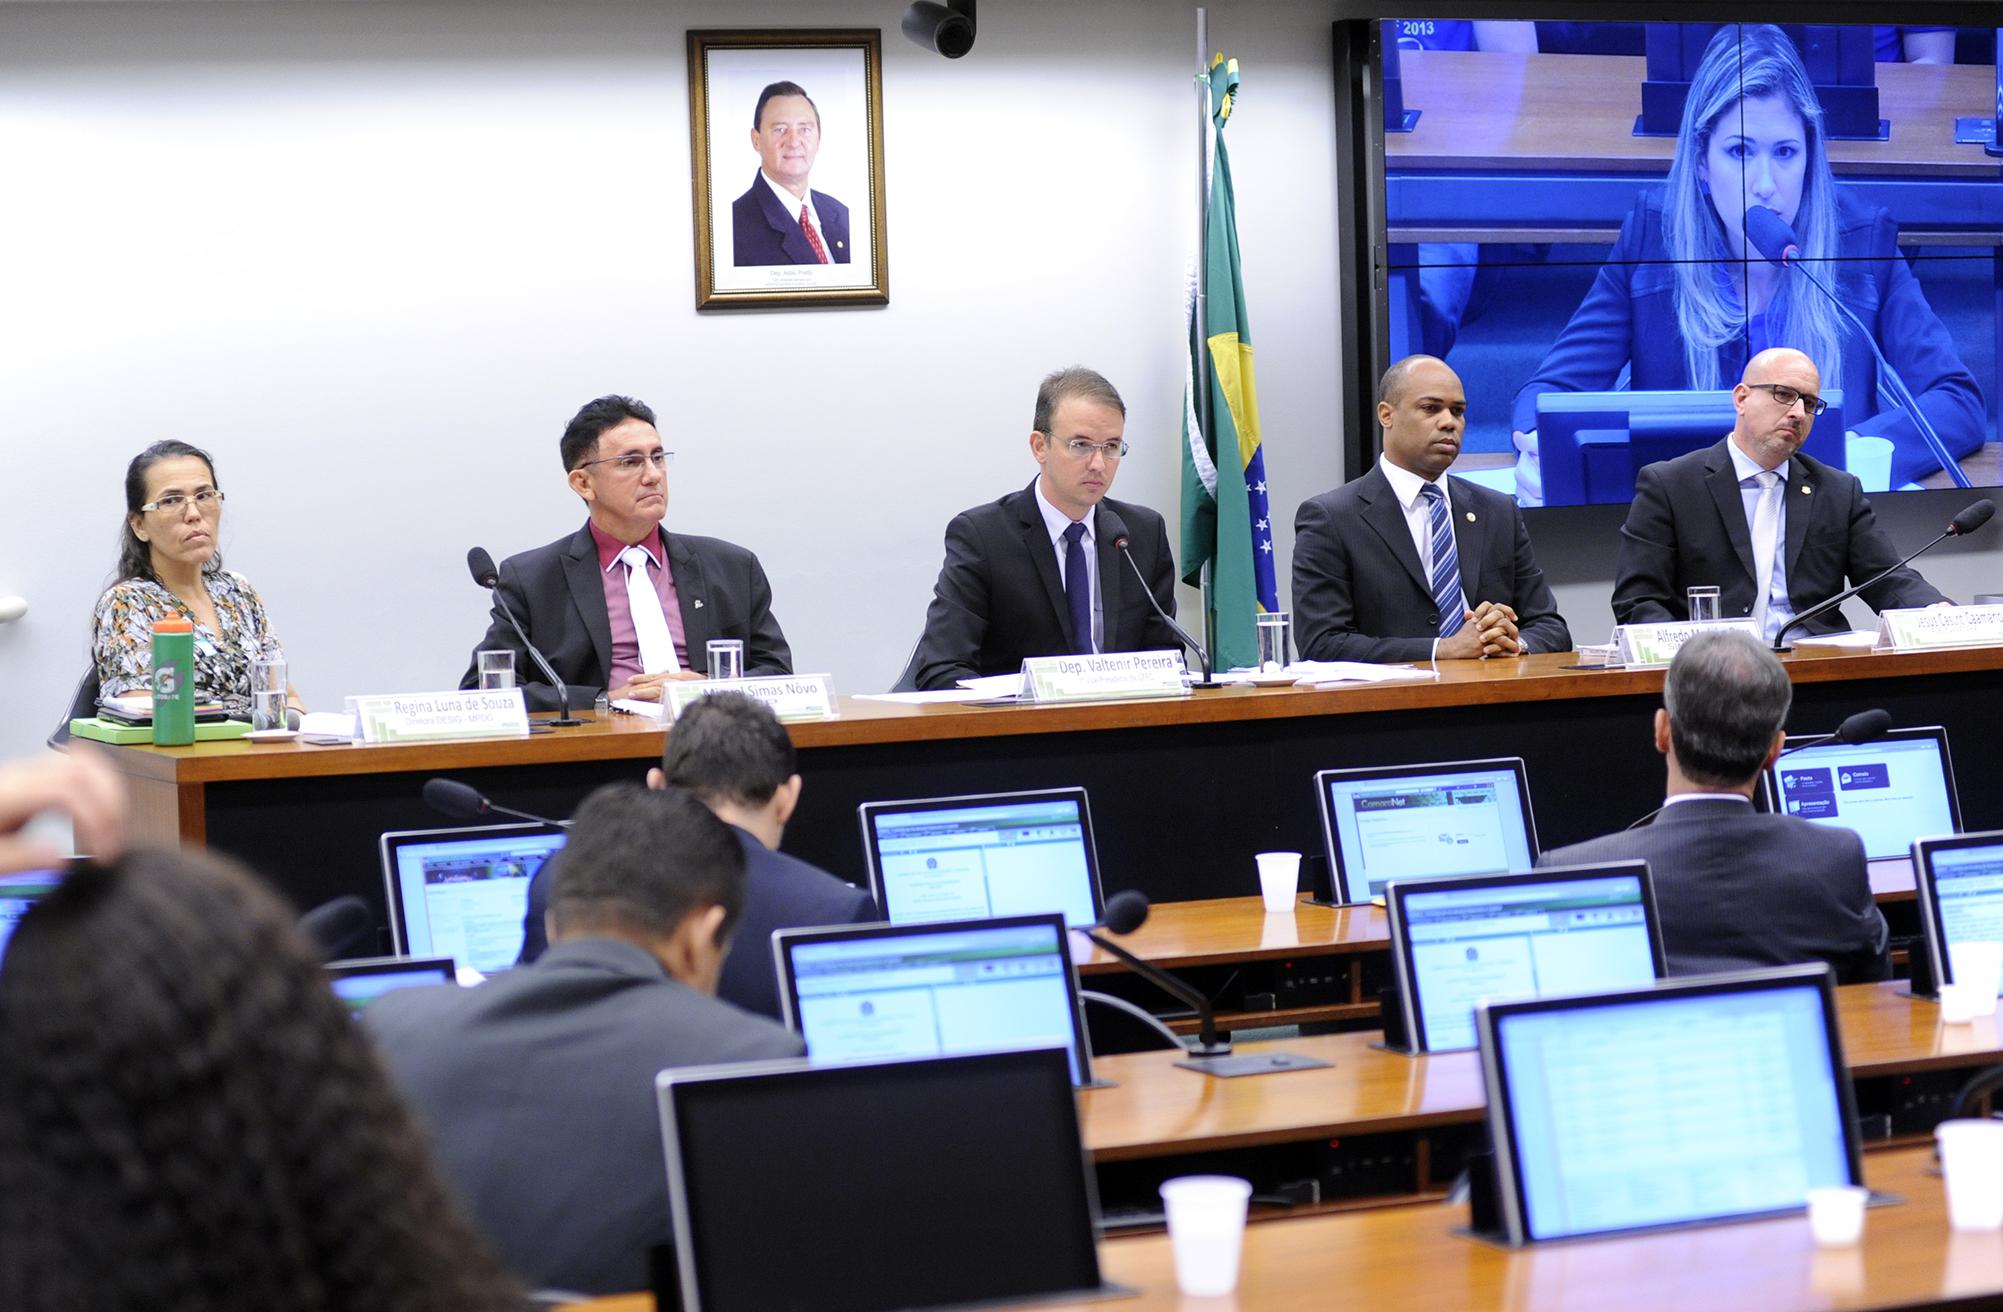 Audiência pública sobre a fiscalização nas fronteiras brasileiras, e importância dos efetivos da Polícia Rodoviária Federal, Polícia Federal e Receita Federal do Brasil nesta ação